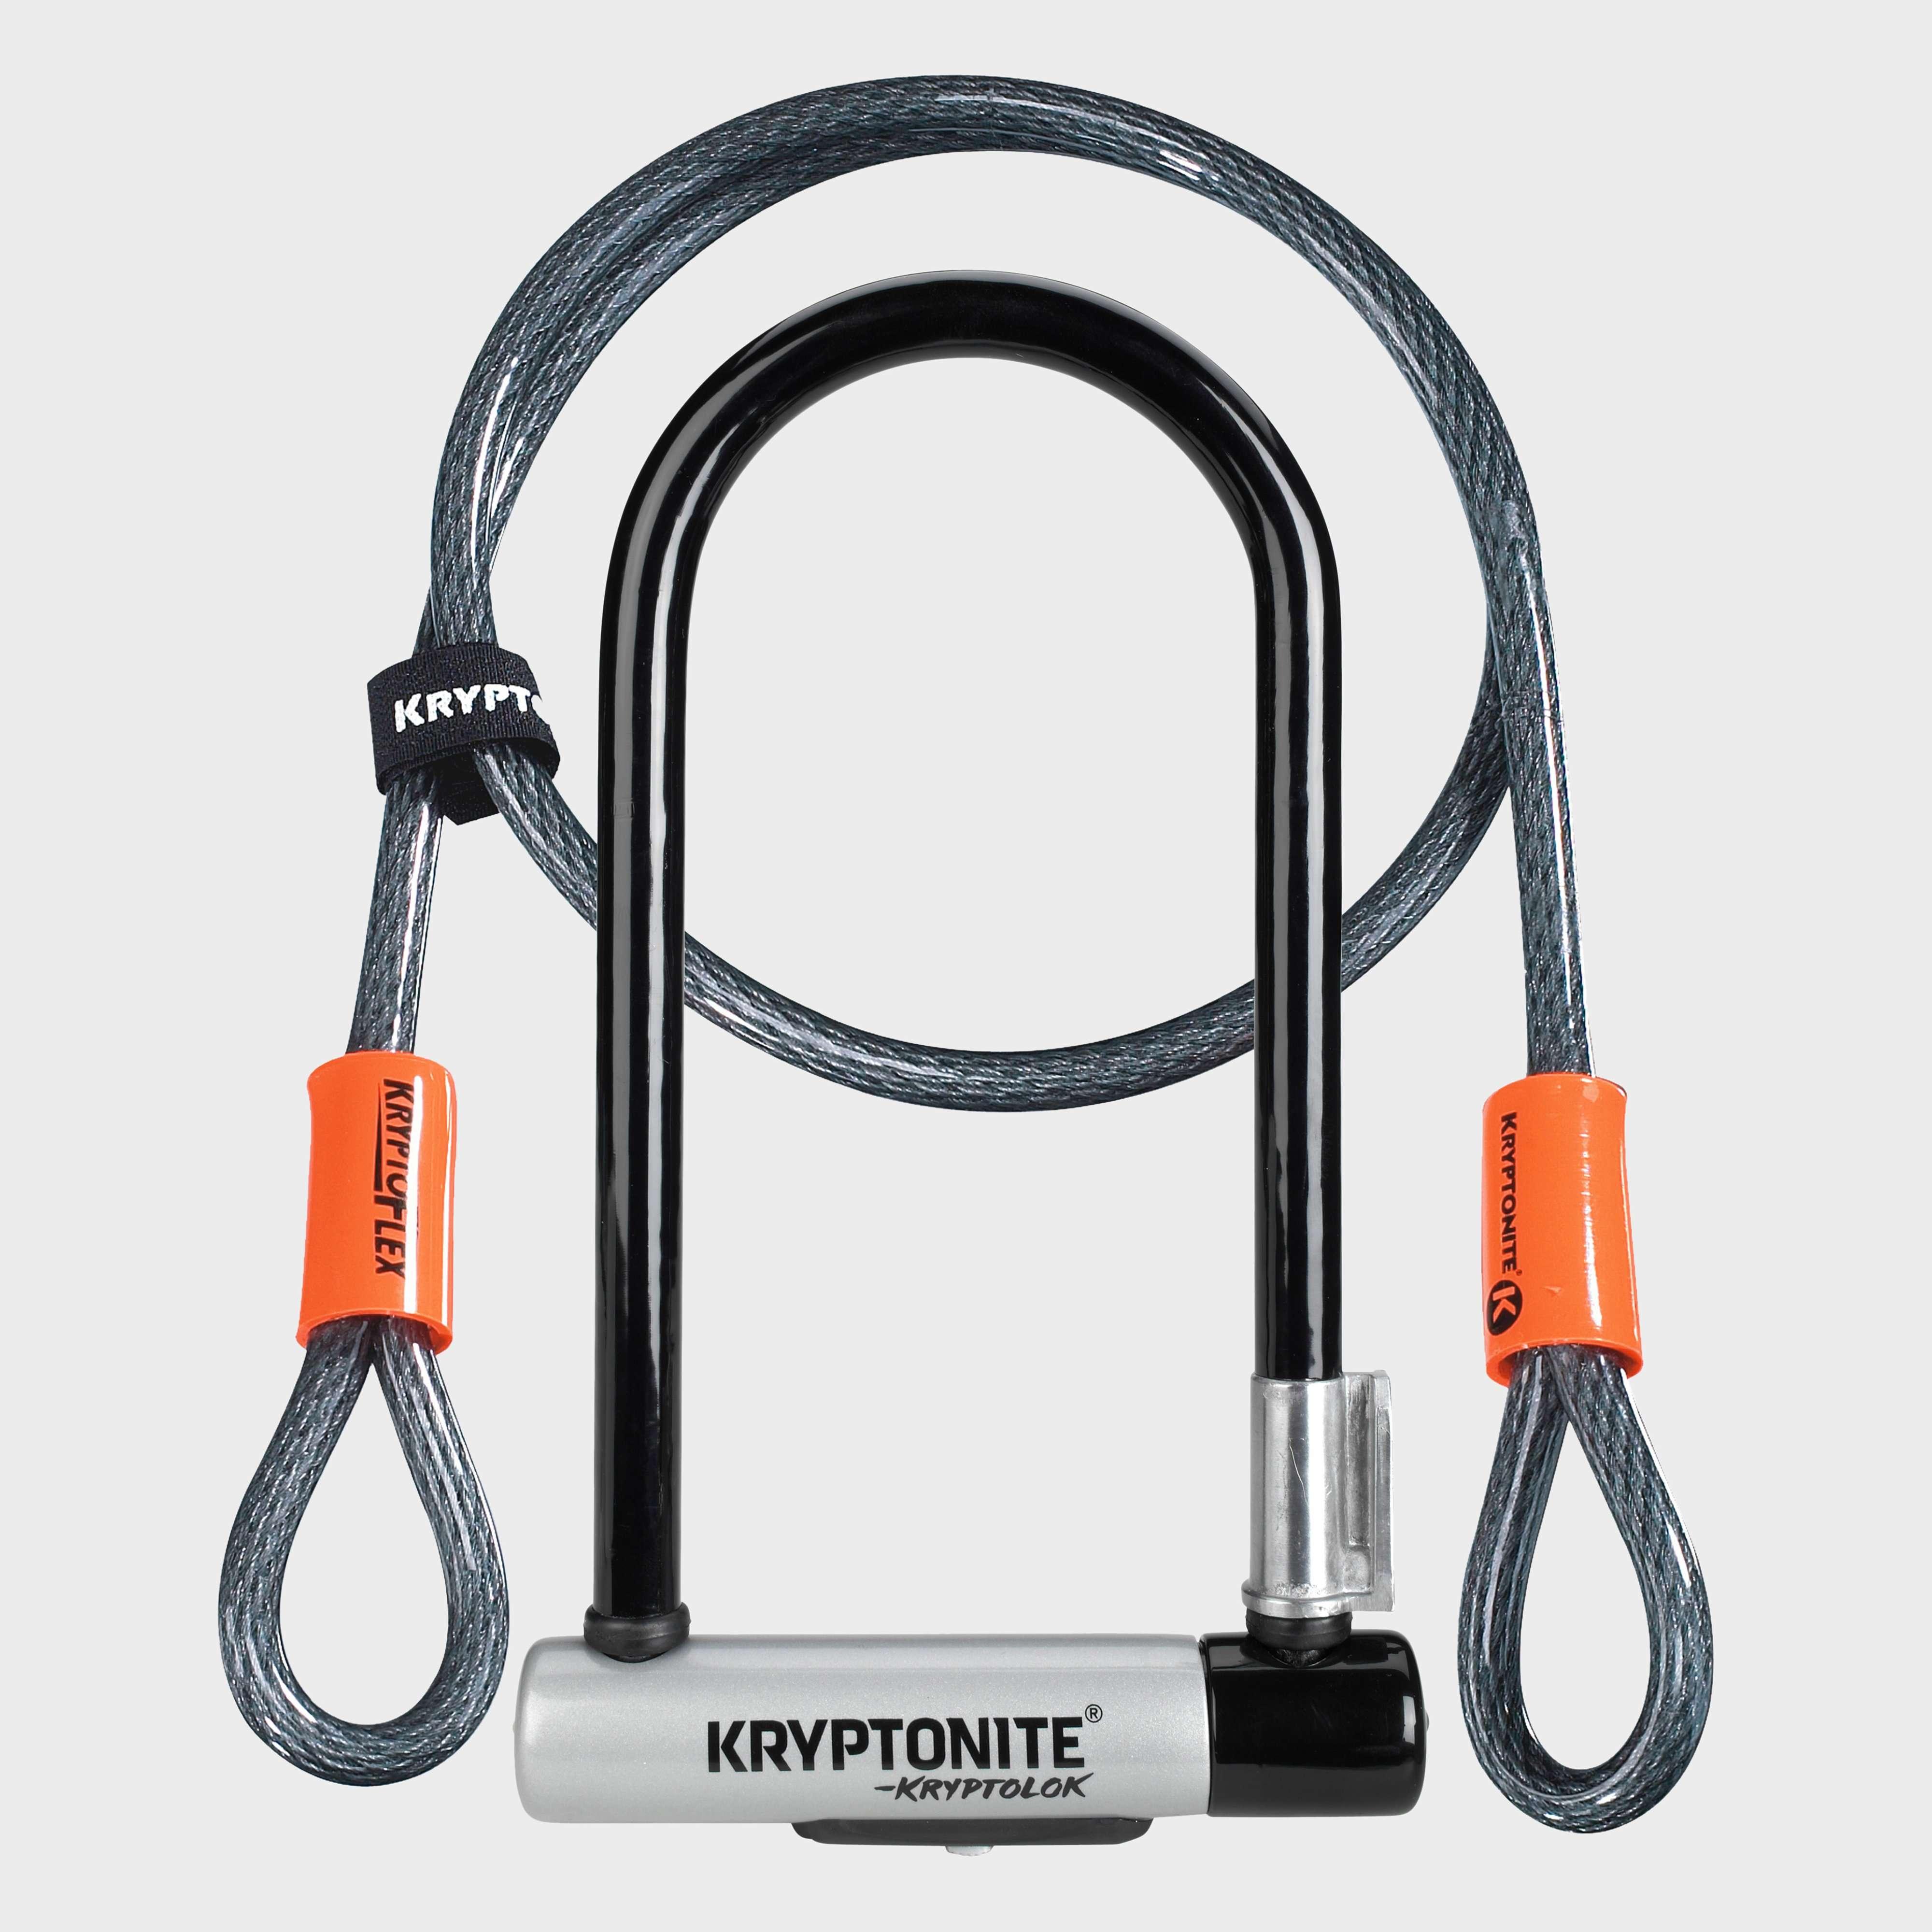 KRYPTONITE KryptoLok Series 2 D-Lock & KryptoFlex Cable